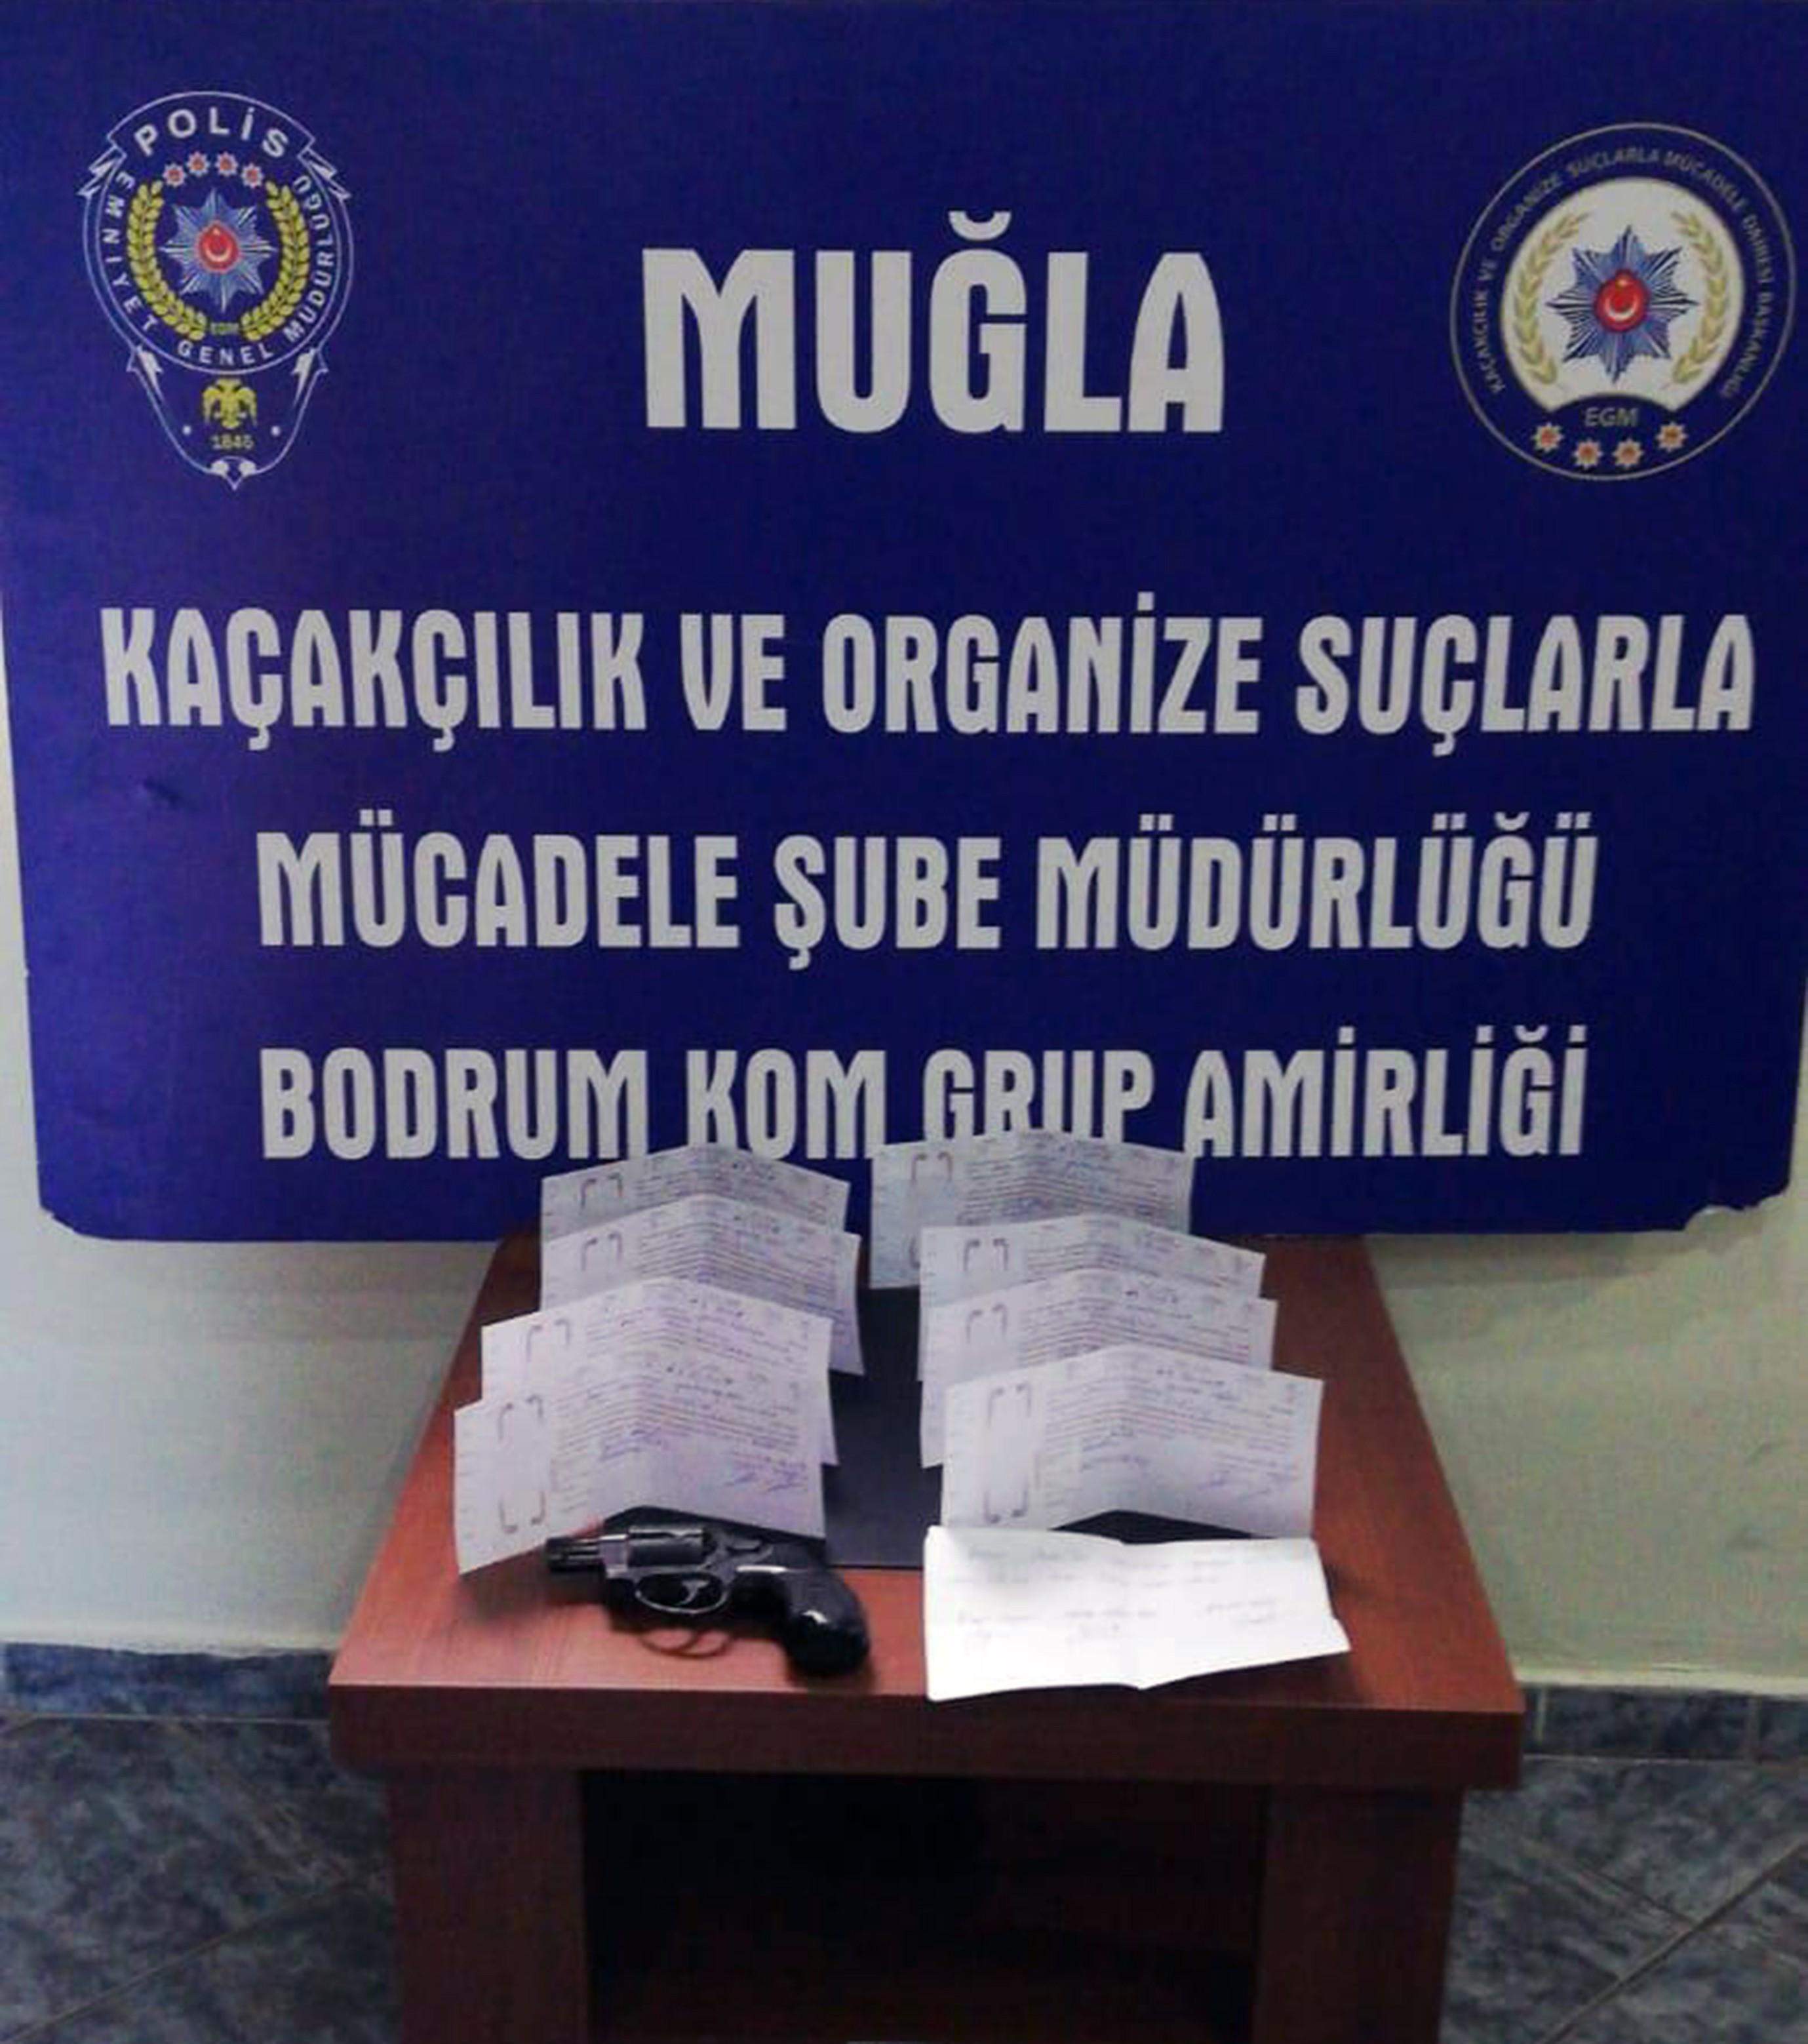 Bodrum'da tehditle senet imzalatan üç kişi yakalandı